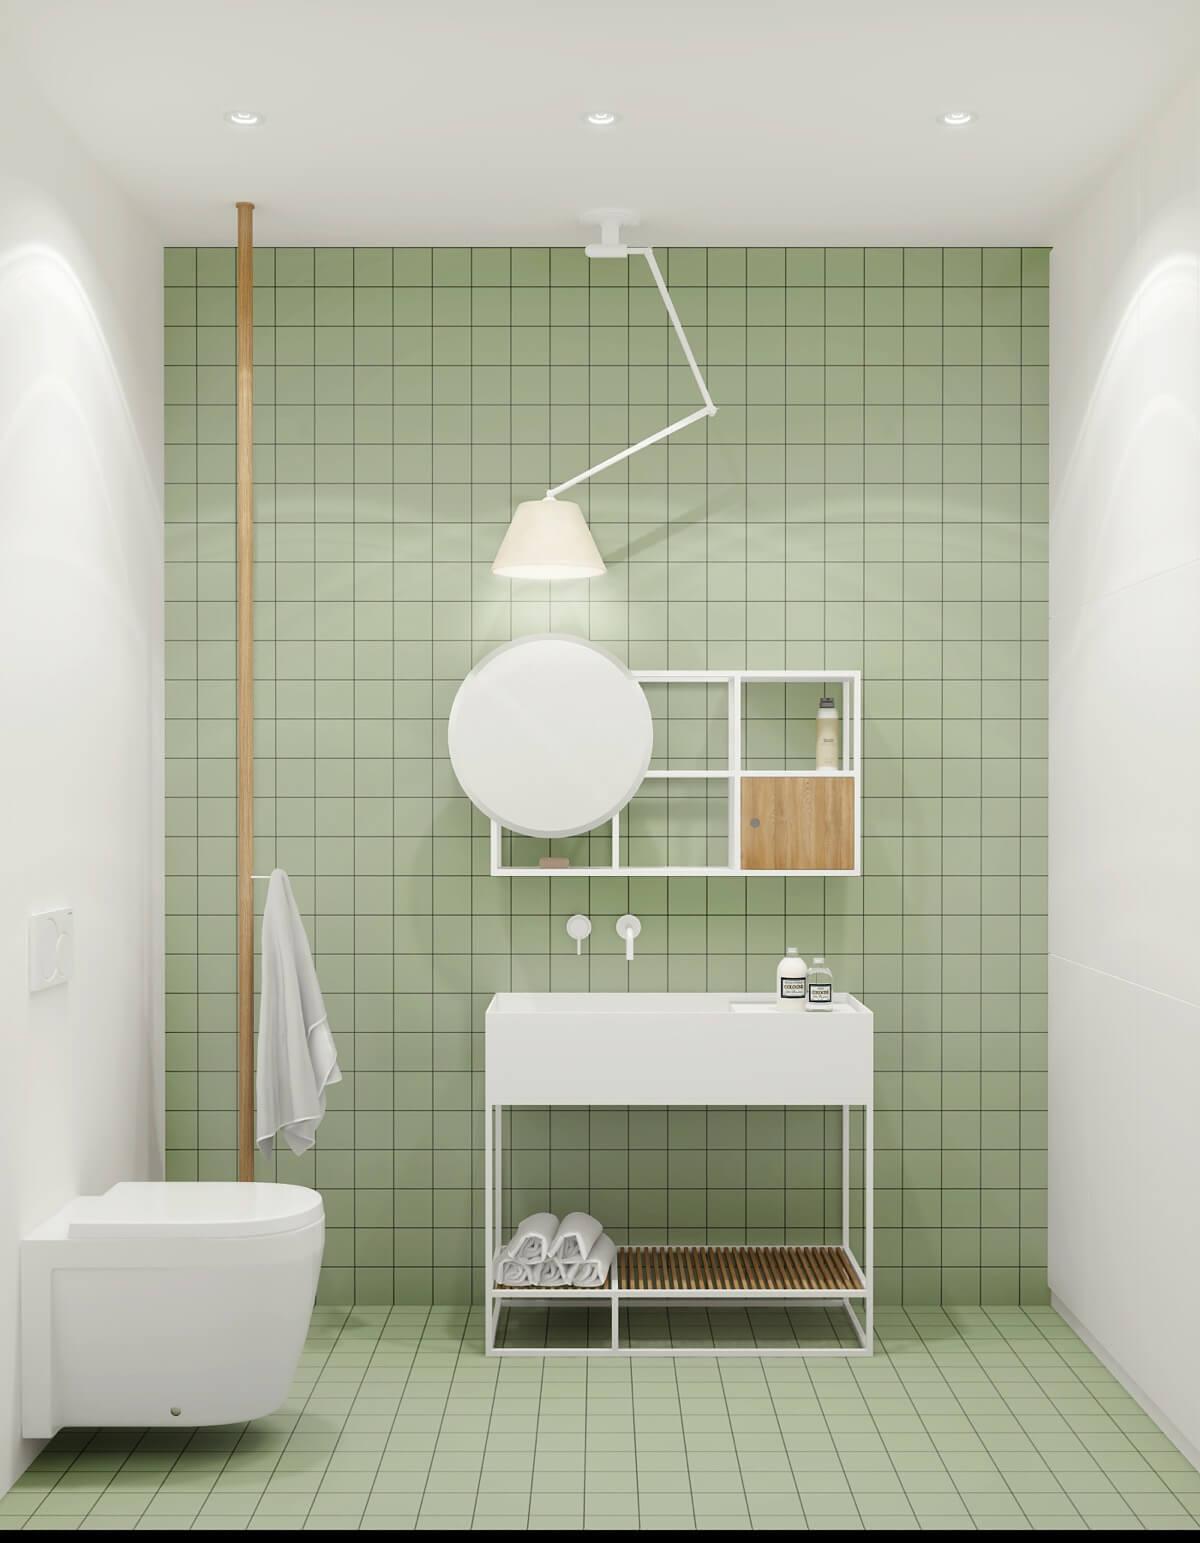 mẫu nhà tắm đẹp 18